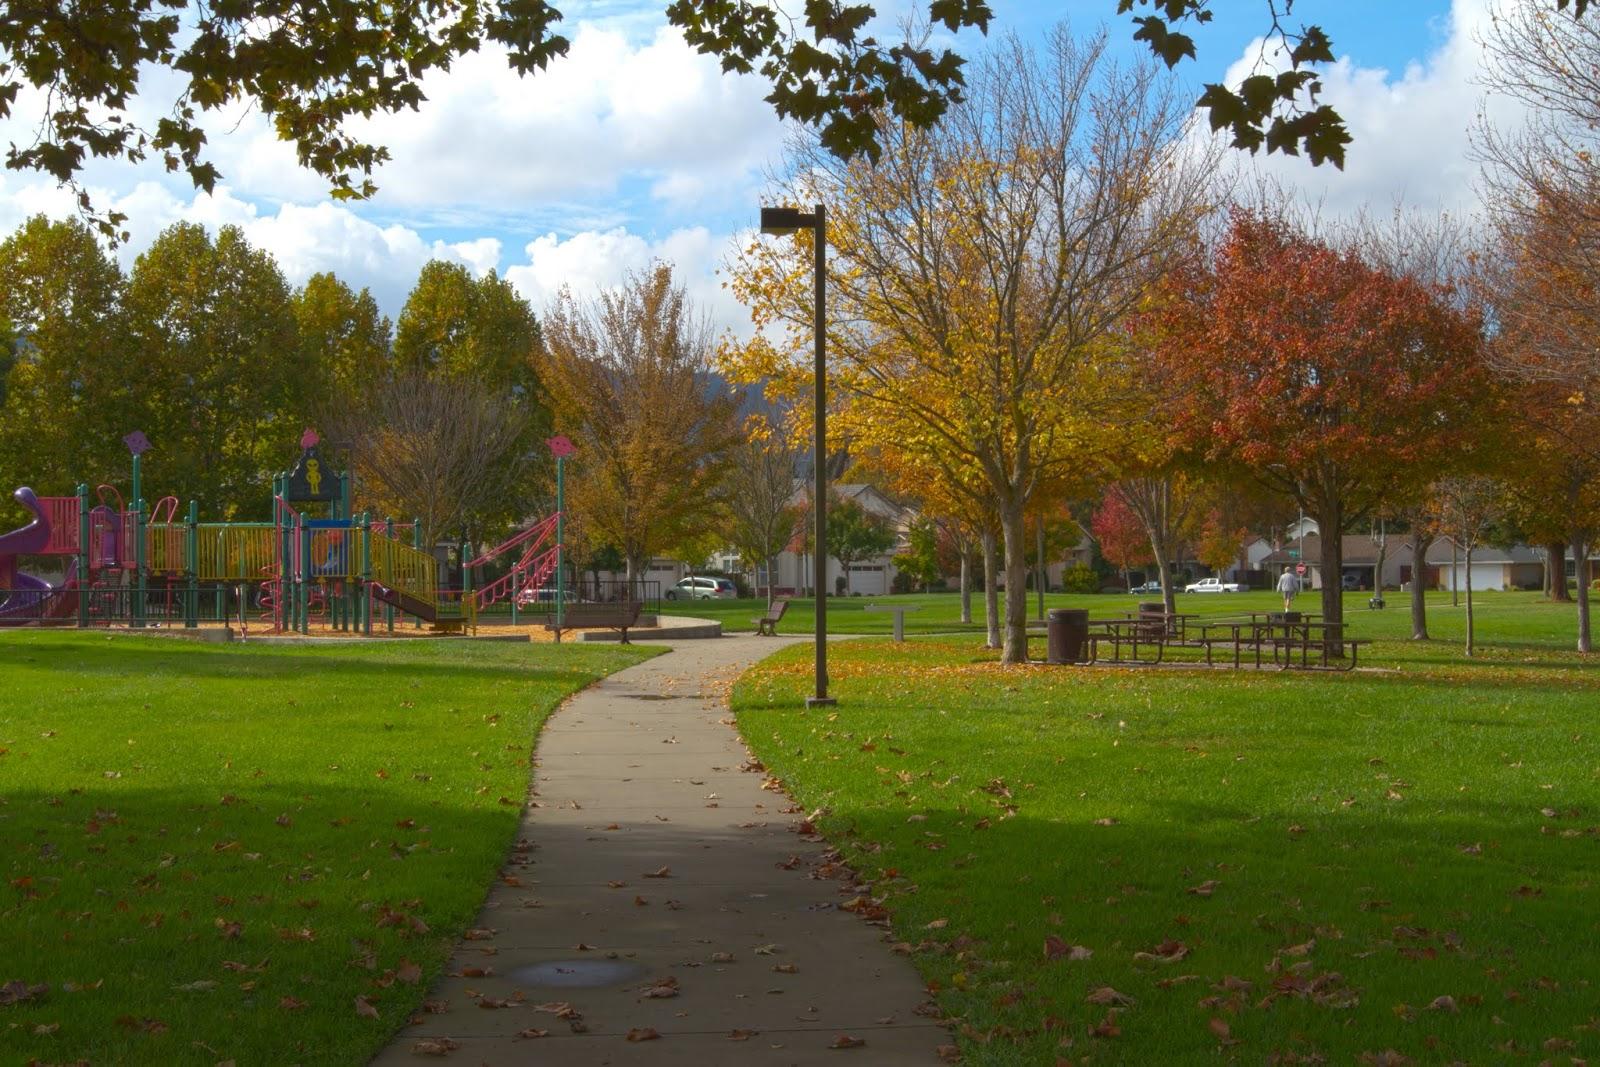 Naturetastic Blog: Fall Foliage in Pleasanton, CA